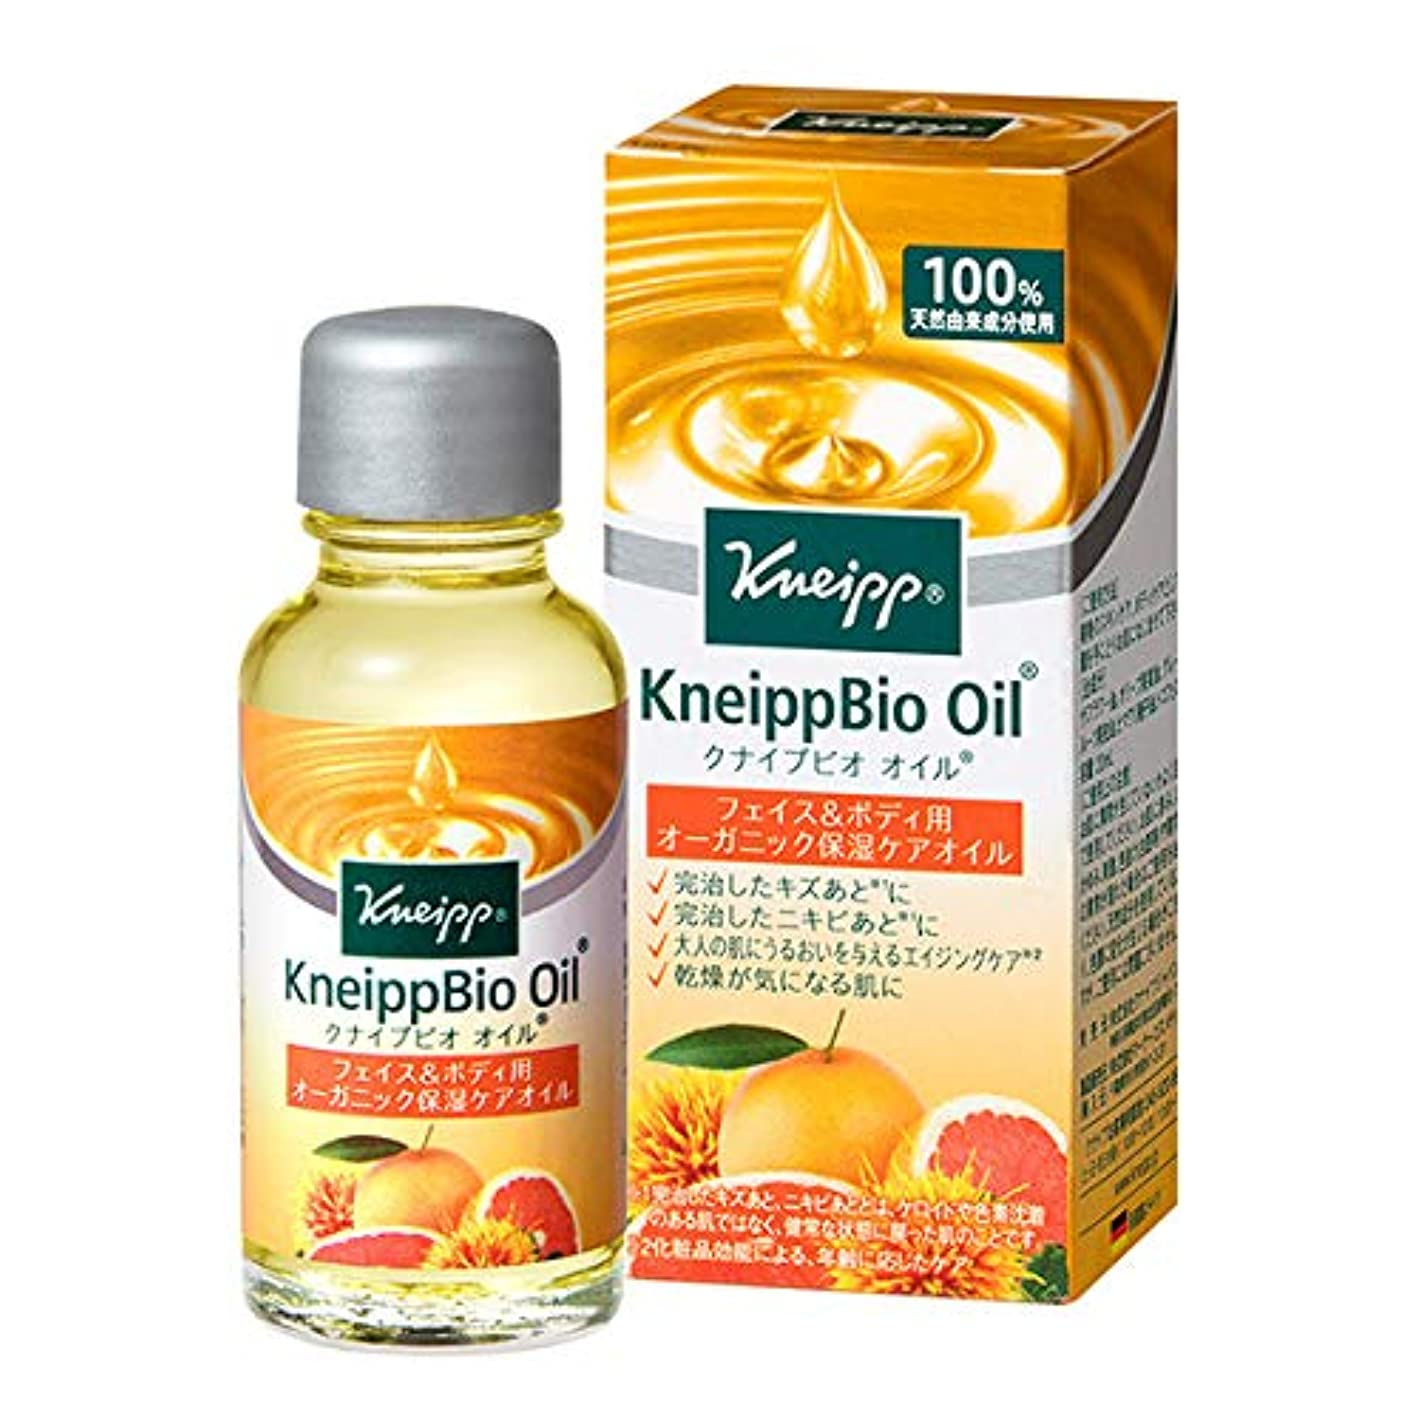 エンジンじゃがいもリテラシークナイプ(Kneipp) クナイプビオ オイル20mL 美容液